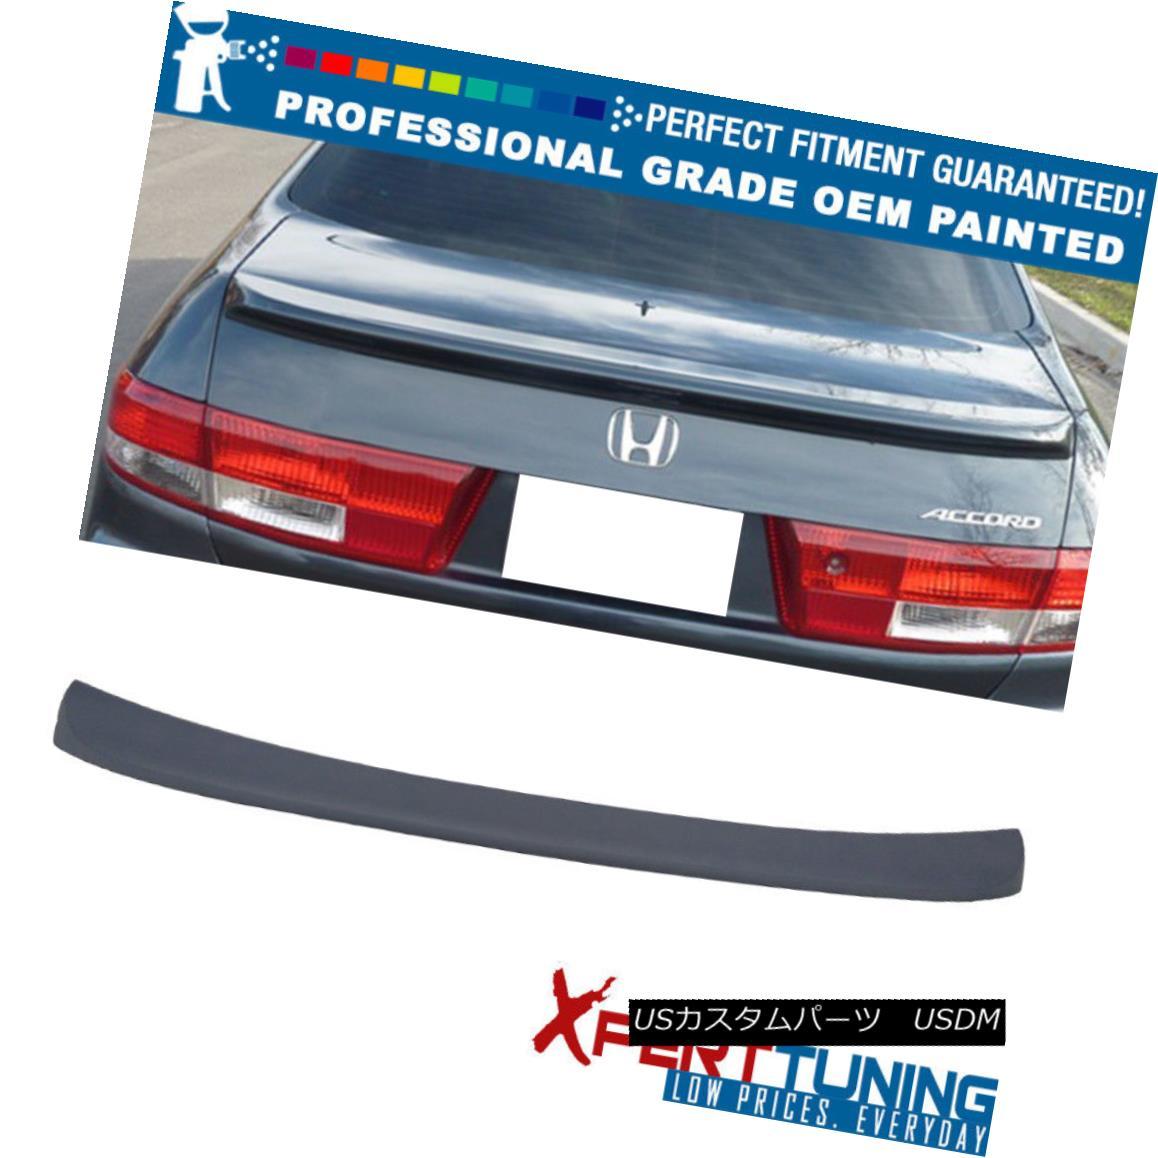 エアロパーツ 03-05 Honda Accord Sedan OE Factory Style ABS Trunk Spoiler - OEM Painted Color 03-05ホンダアコードセダンOEファクトリースタイルABSトランク・スポイラー - OEM塗装カラー